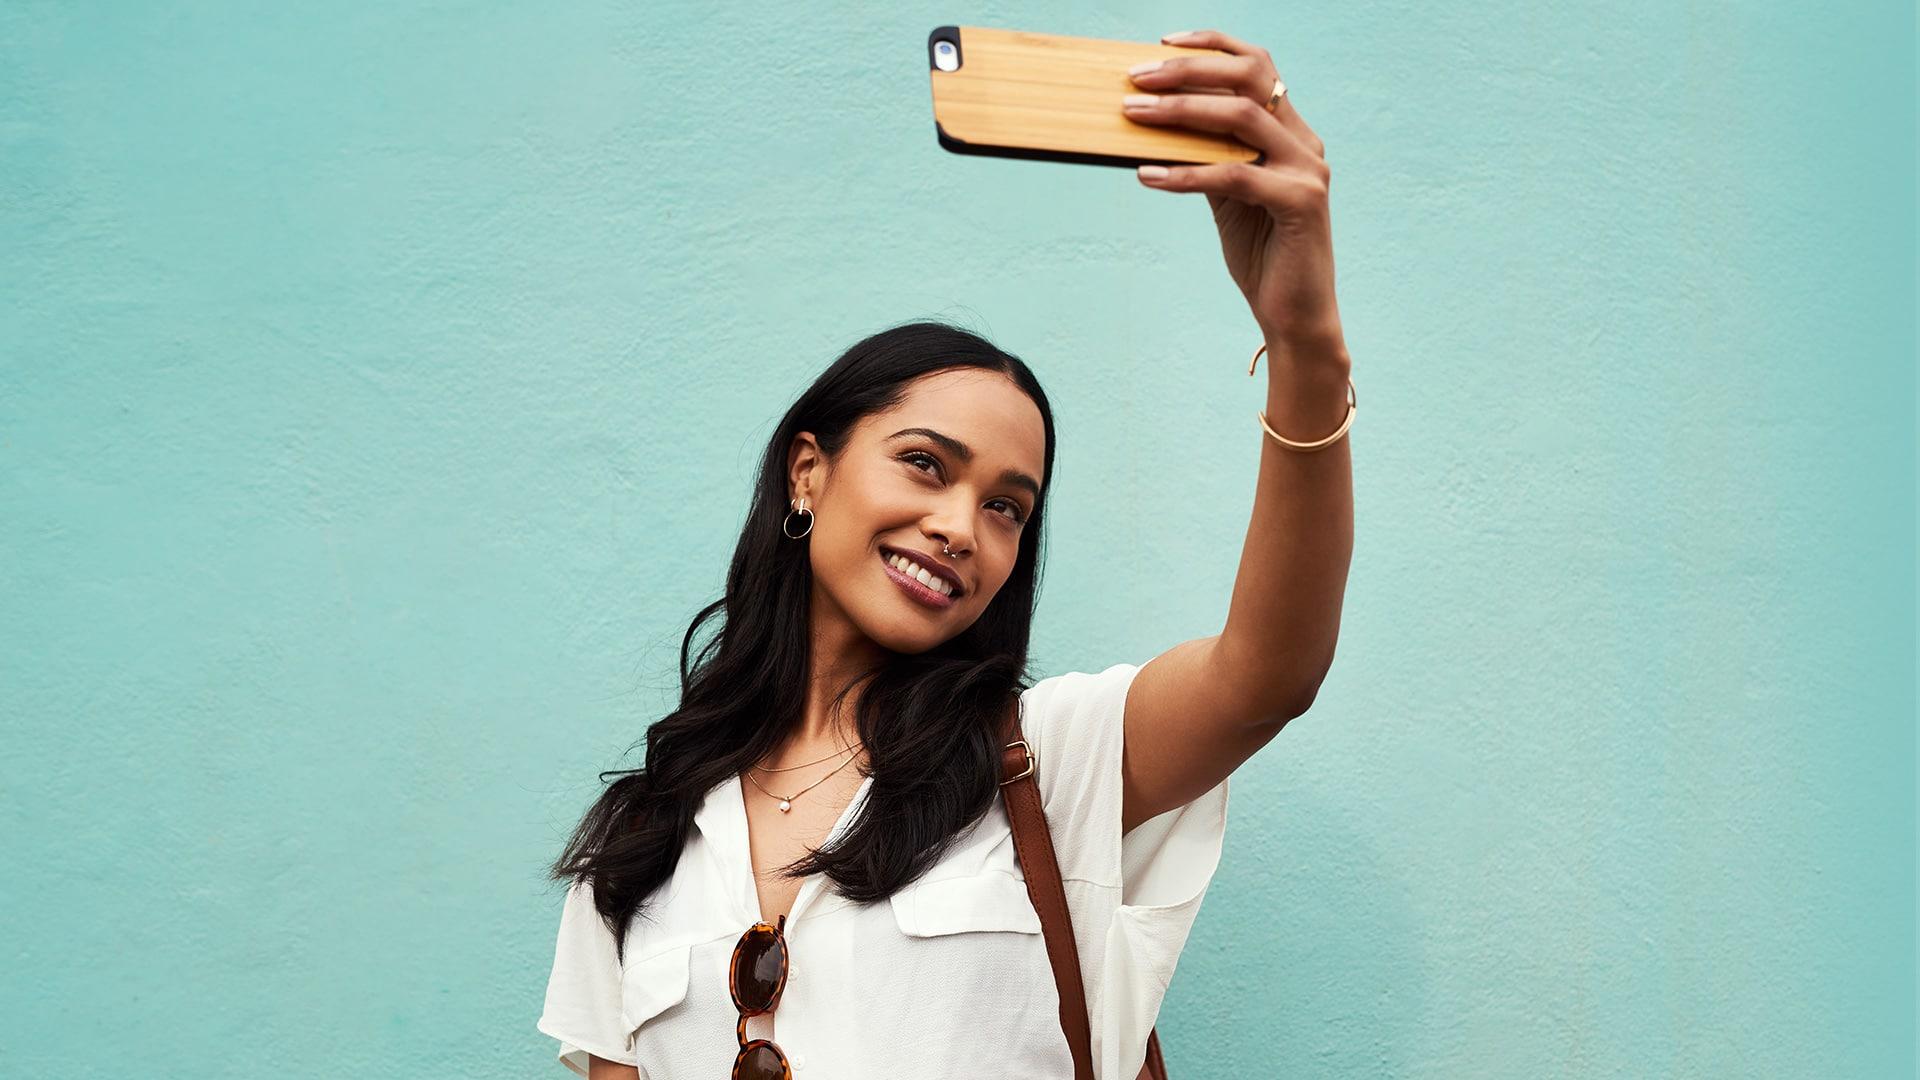 O que os influencers têm e os marketers não